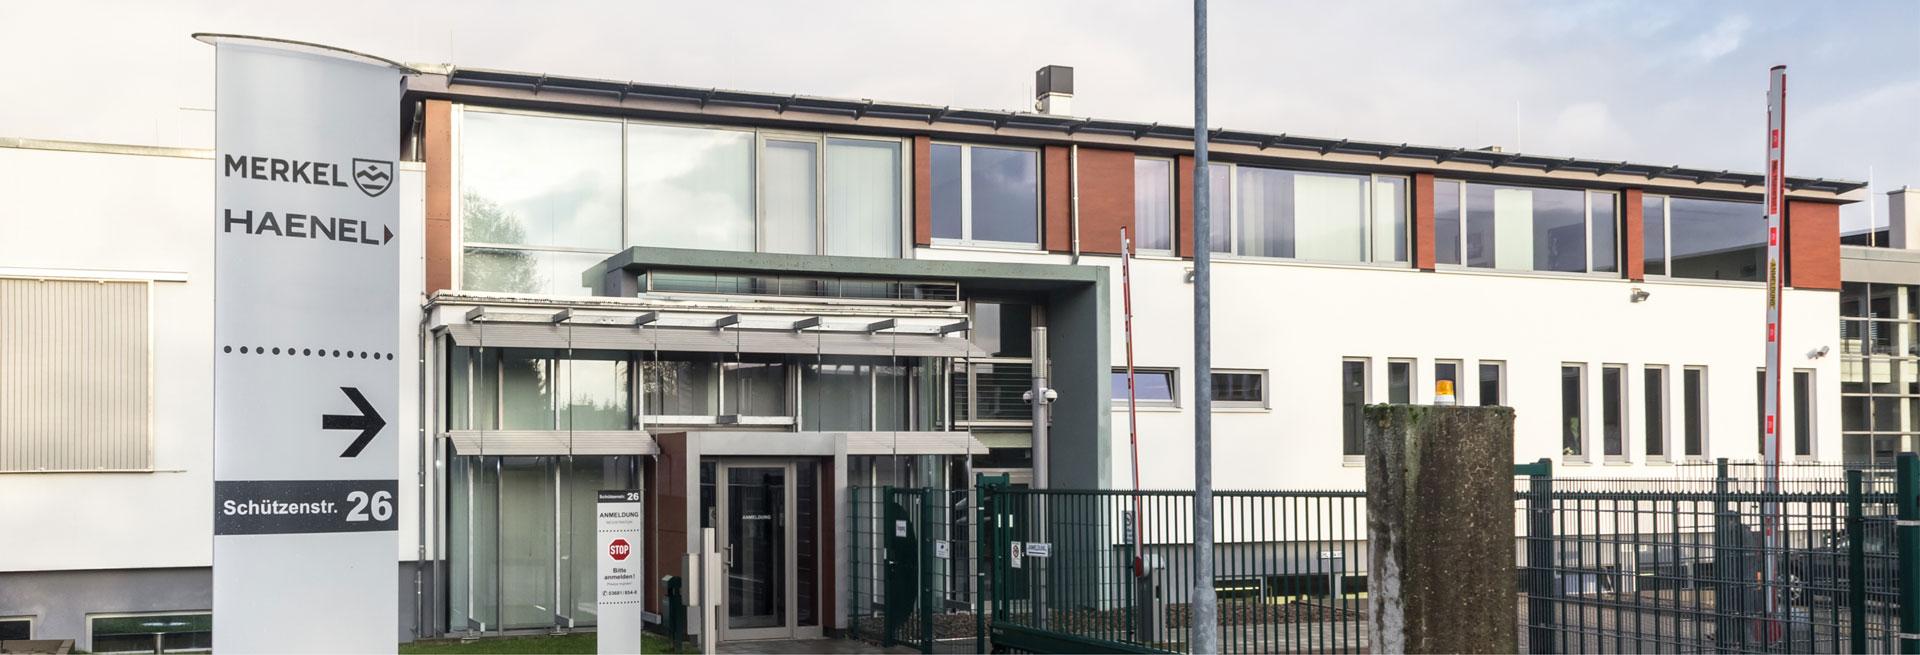 Merkel Unternehmen Slider Firmengebäude